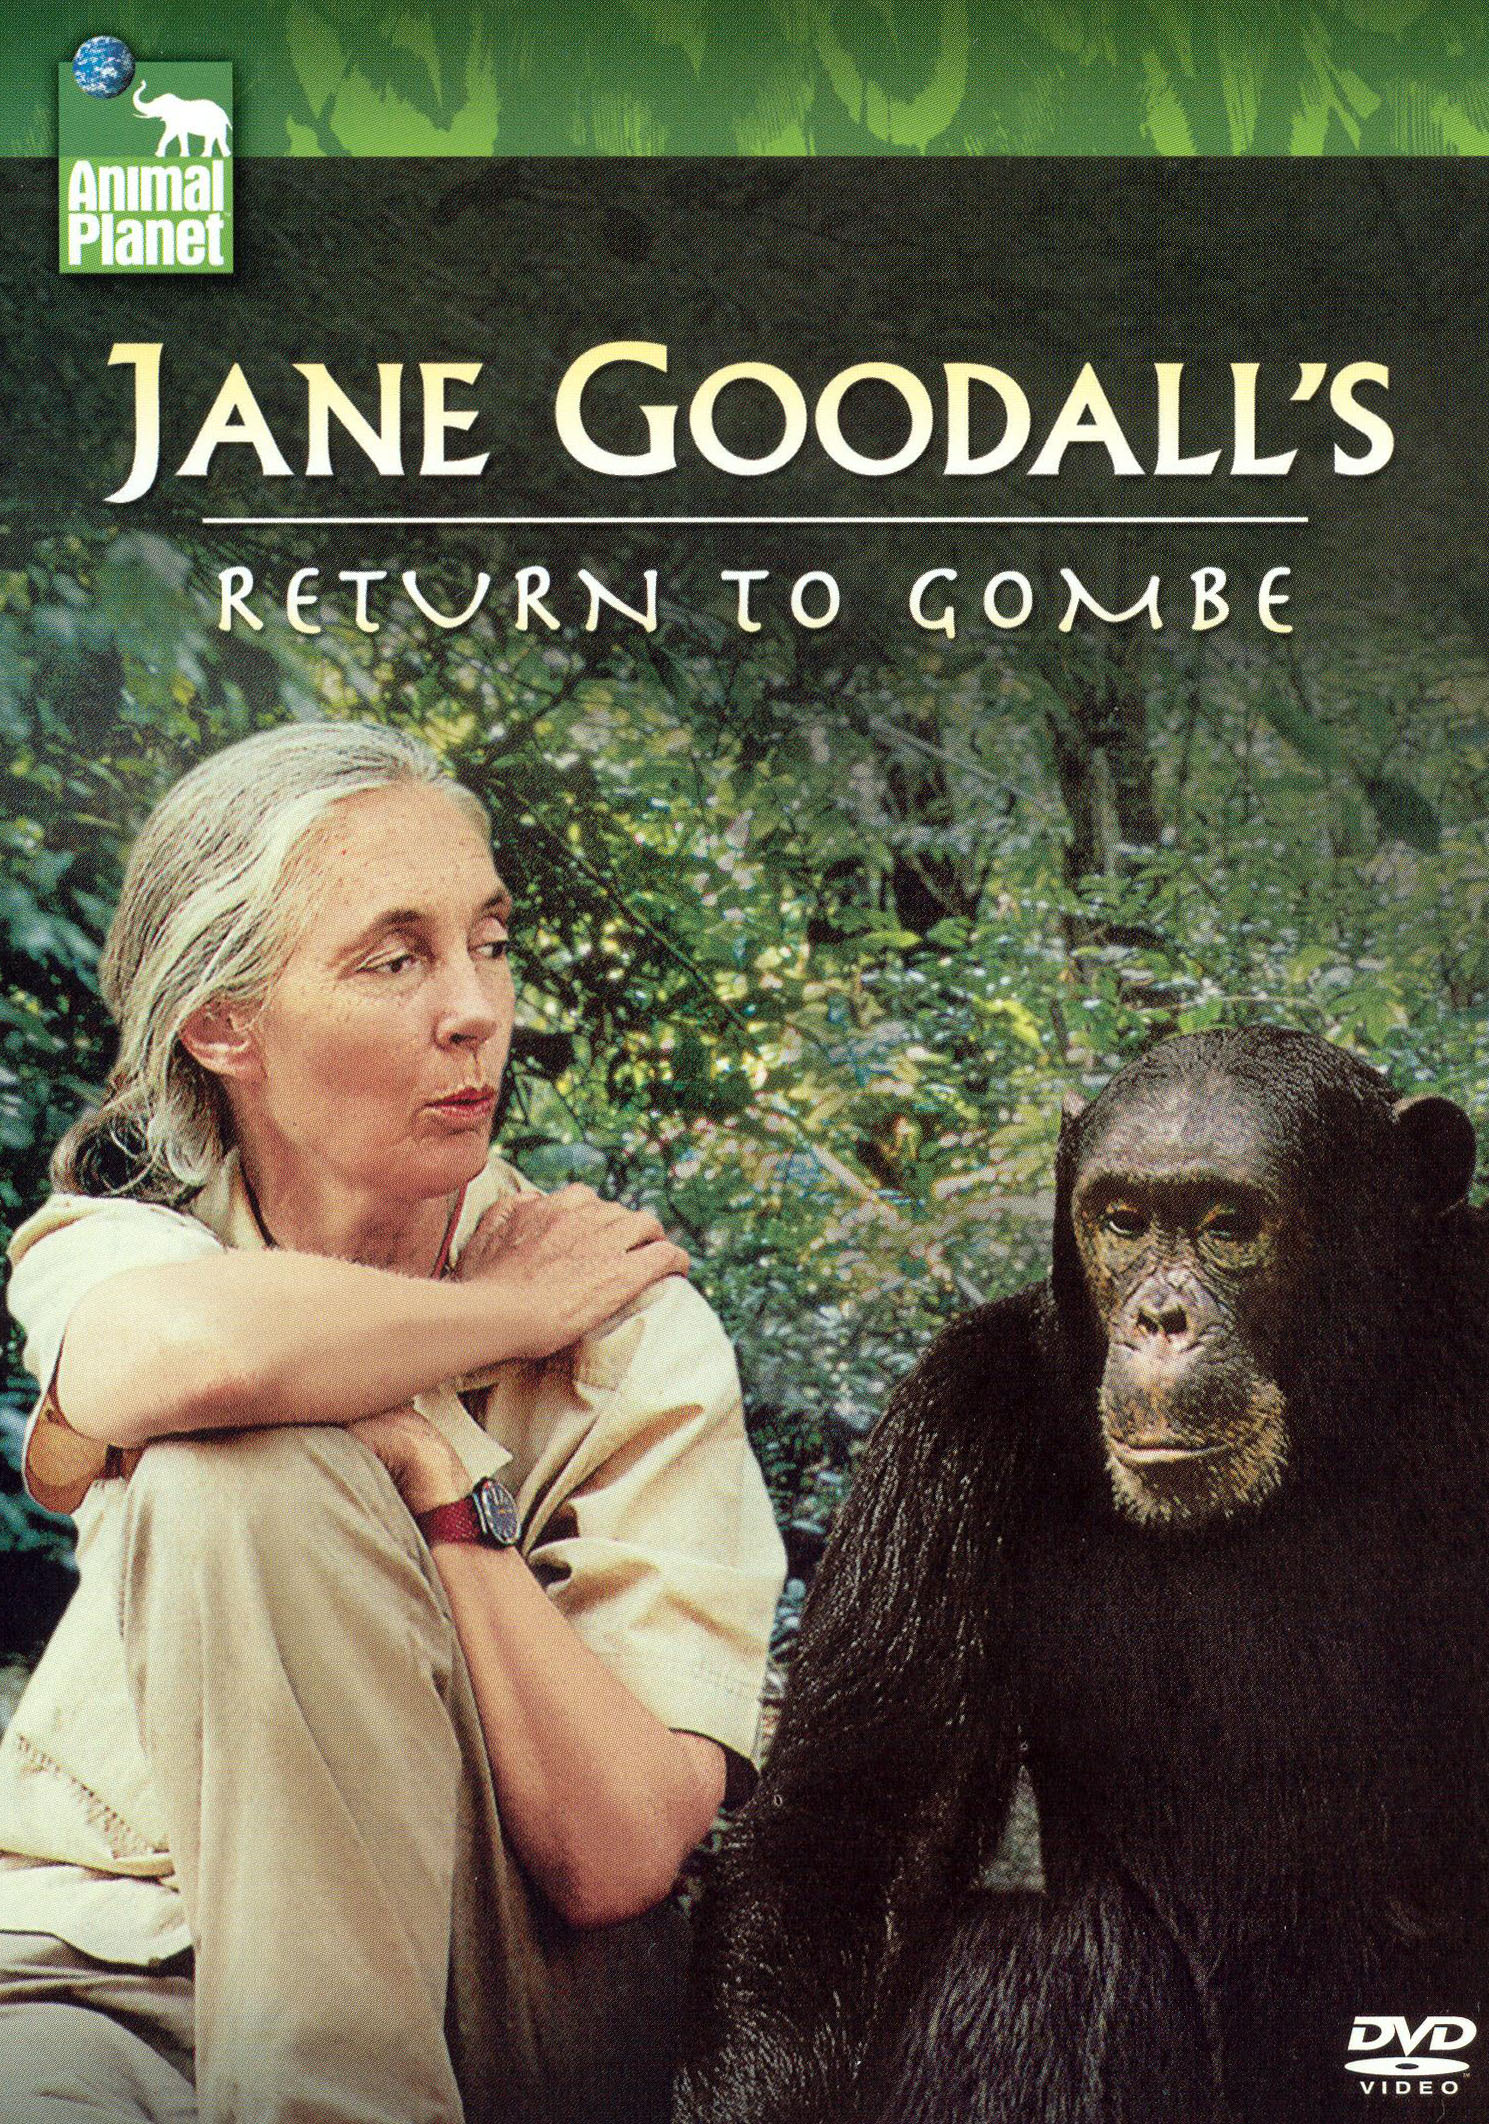 Jane Goodall's Return to Gombe